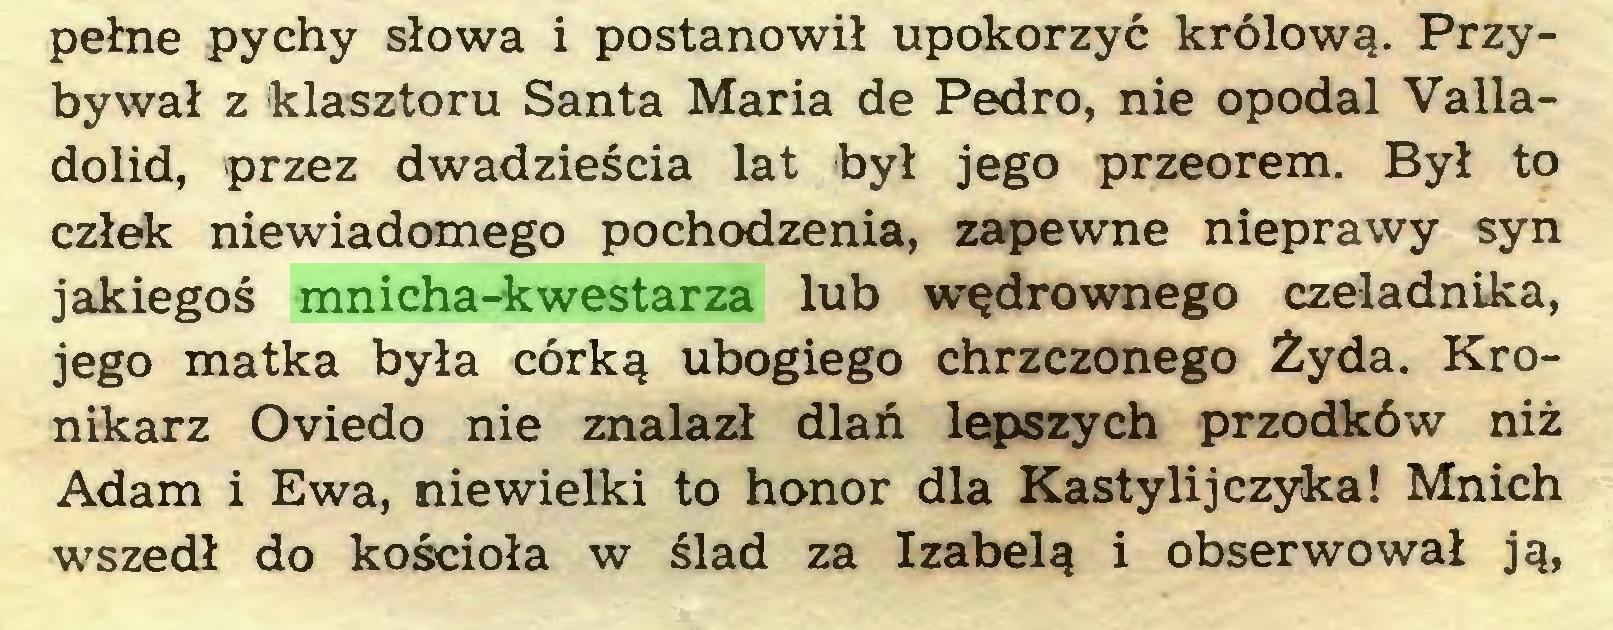 (...) pełne pychy słowa i postanowił upokorzyć królową. Przybywał z klasztoru Santa Maria de Pedro, nie opodal Valladolid, przez dwadzieścia lat był jego przeorem. Był to człek niewiadomego pochodzenia, zapewne nieprawy syn jakiegoś mnicha-kwestarza lub wędrownego czeladnika, jego matka była córką ubogiego chrzczonego Żyda. Kronikarz Oviedo nie znalazł dlań lepszych przodków niż Adam i Ewa, niewielki to honor dla Kastylijczyka! Mnich wszedł do kościoła w ślad za Izabelą i obserwował ją,...